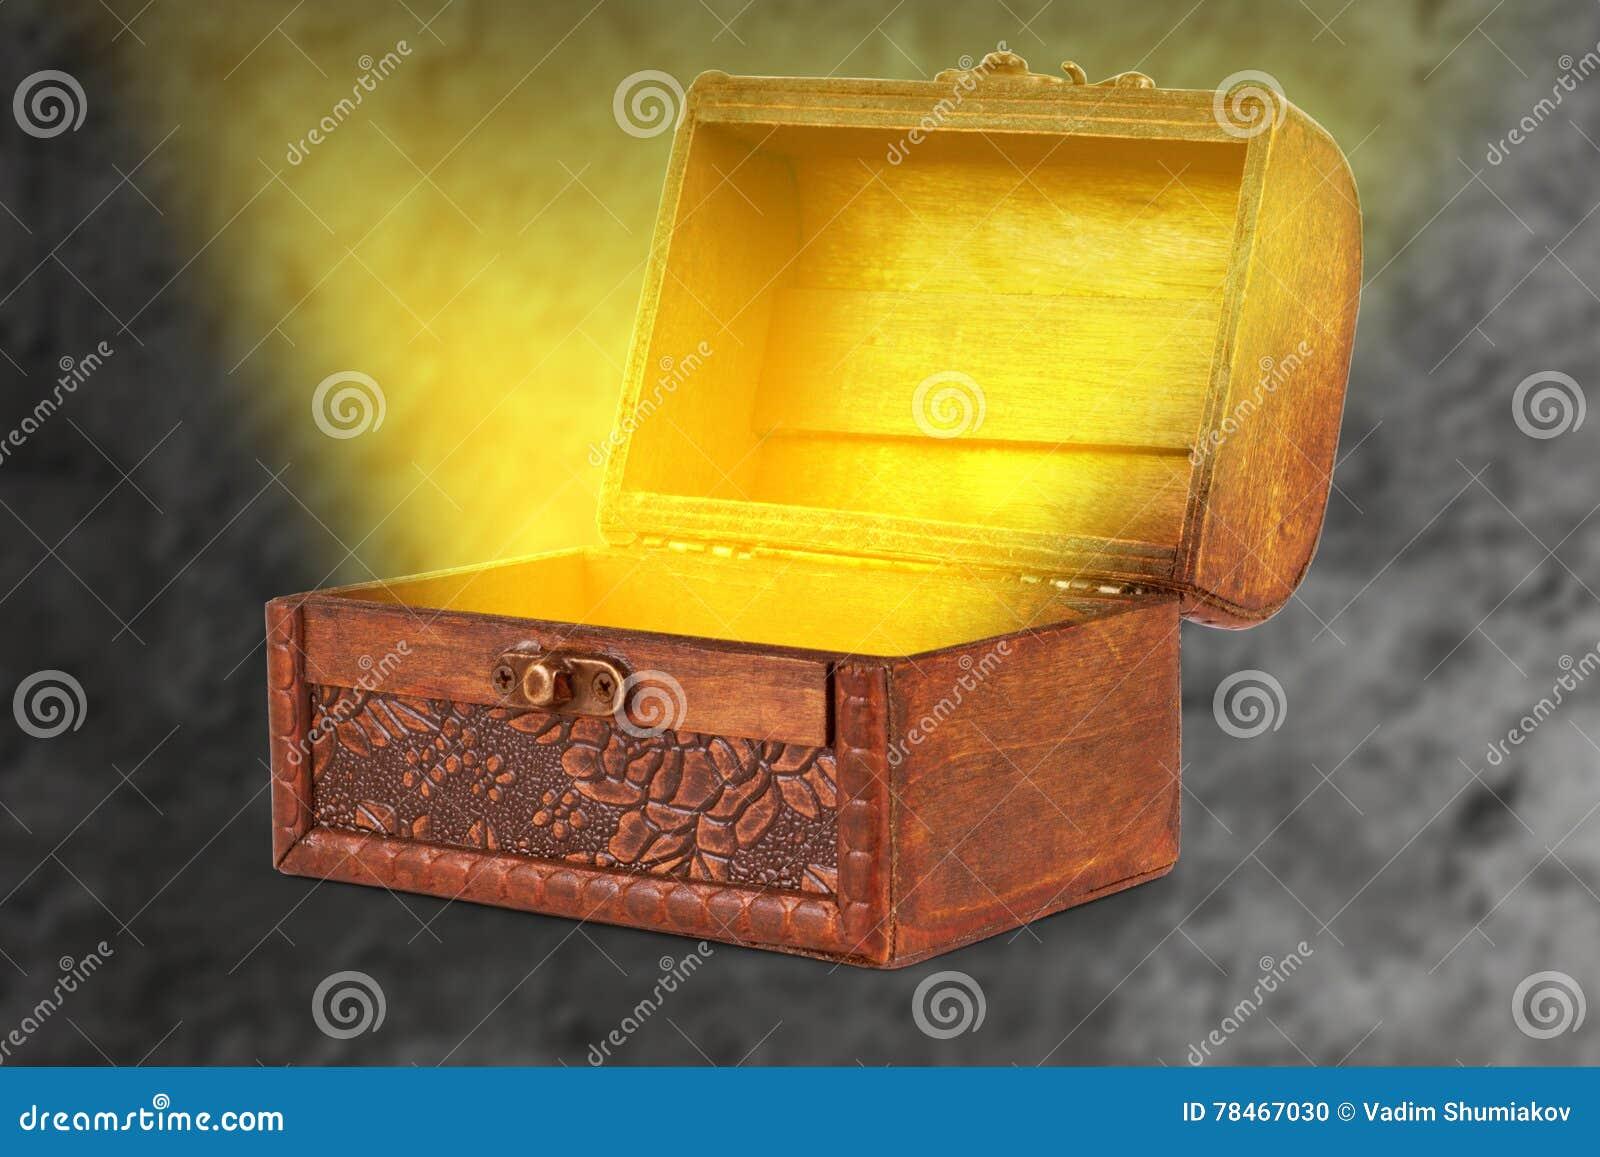 Coffre au tr sor en bois avec un t sortant l ger effil magique illustration stock image 78467030 - Coffre chasse au tresor ...